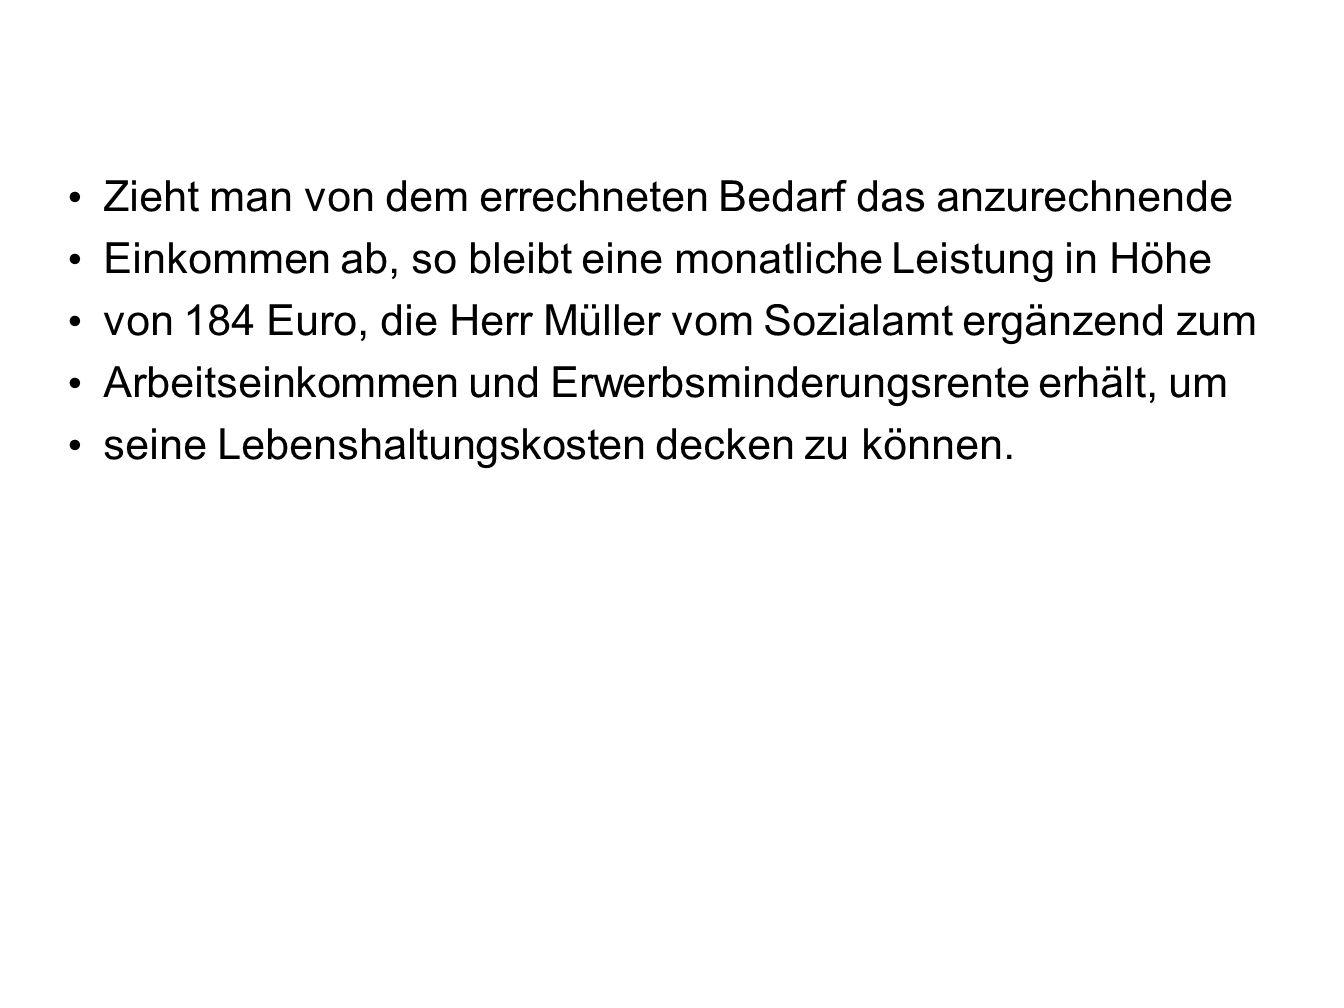 Zieht man von dem errechneten Bedarf das anzurechnende Einkommen ab, so bleibt eine monatliche Leistung in Höhe von 184 Euro, die Herr Müller vom Sozialamt ergänzend zum Arbeitseinkommen und Erwerbsminderungsrente erhält, um seine Lebenshaltungskosten decken zu können.